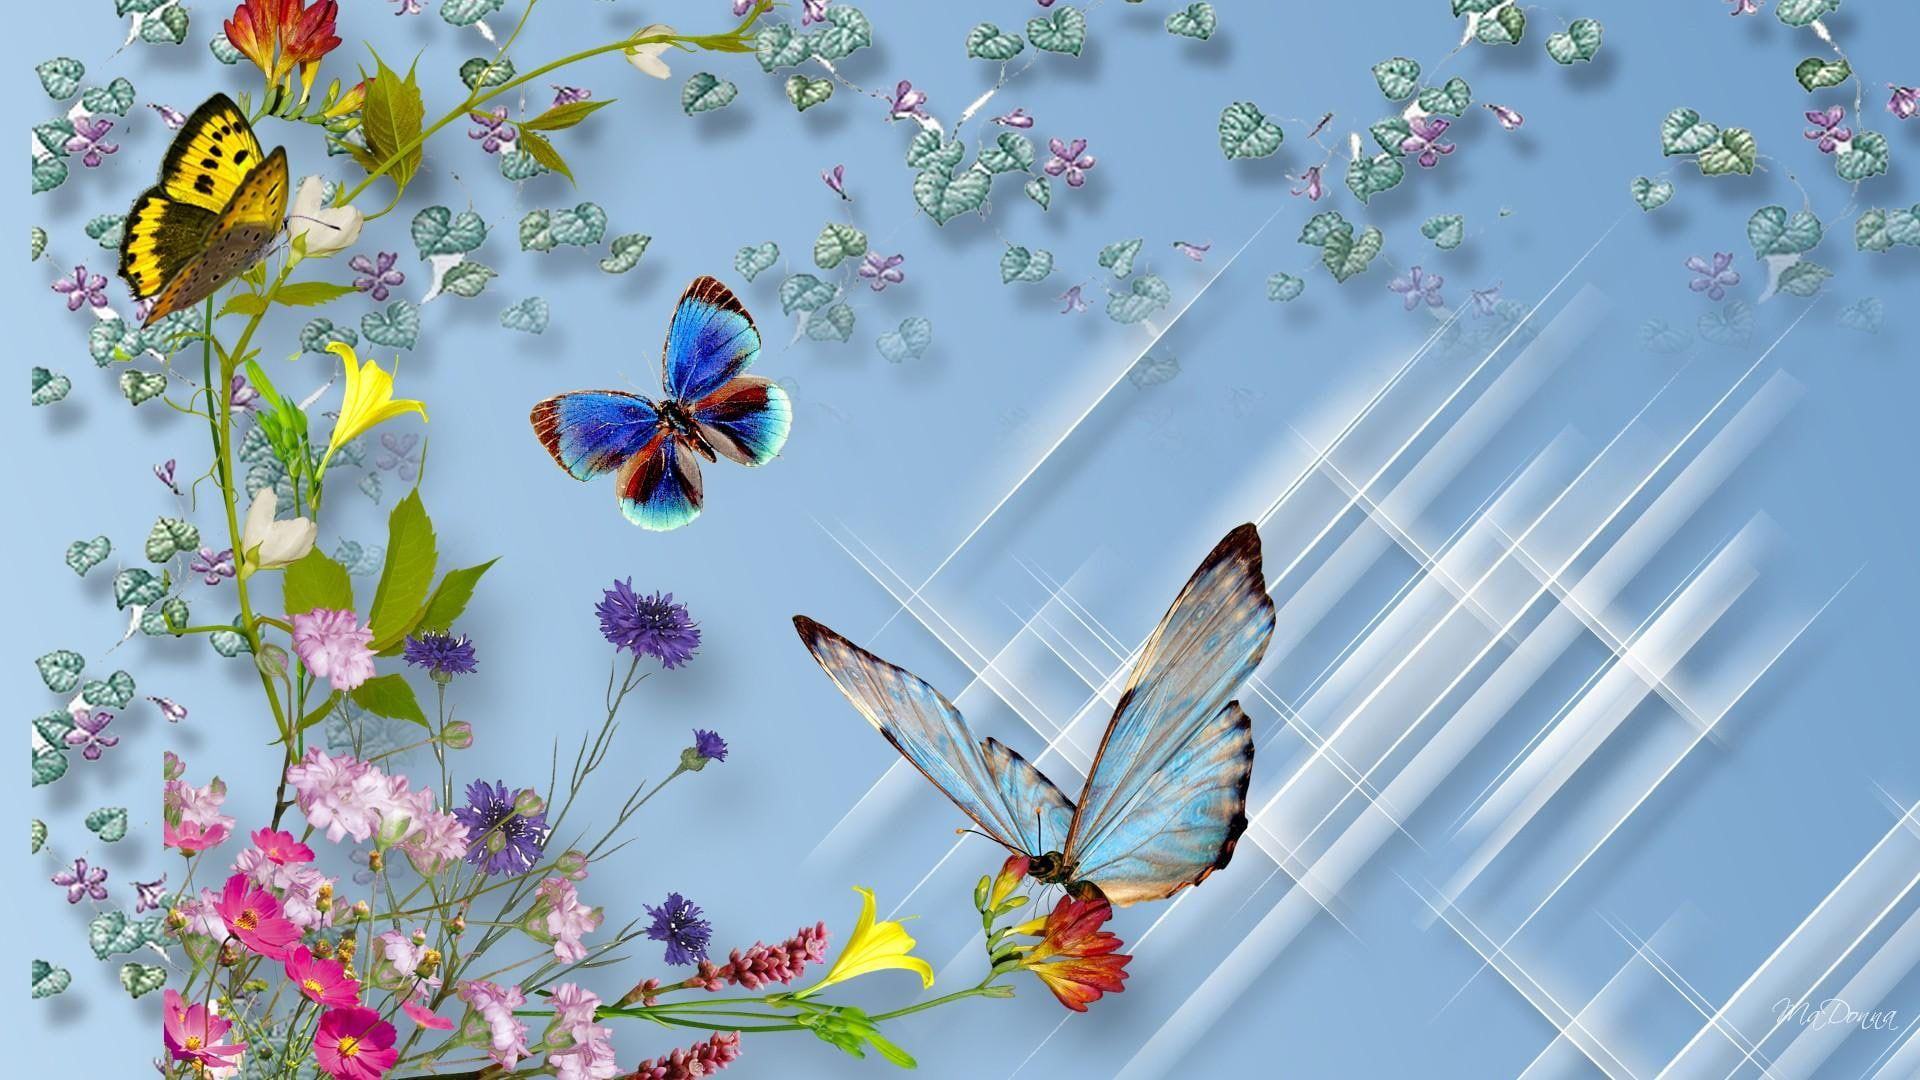 Wild Flower Butterflies Spring Firefox Persona Sparkles Scatter Color Summer Butterflies Wild Blue Butterfly Wallpaper Butterfly Wallpaper Flower Images Flower 3d nature wallpaper hd 1080p